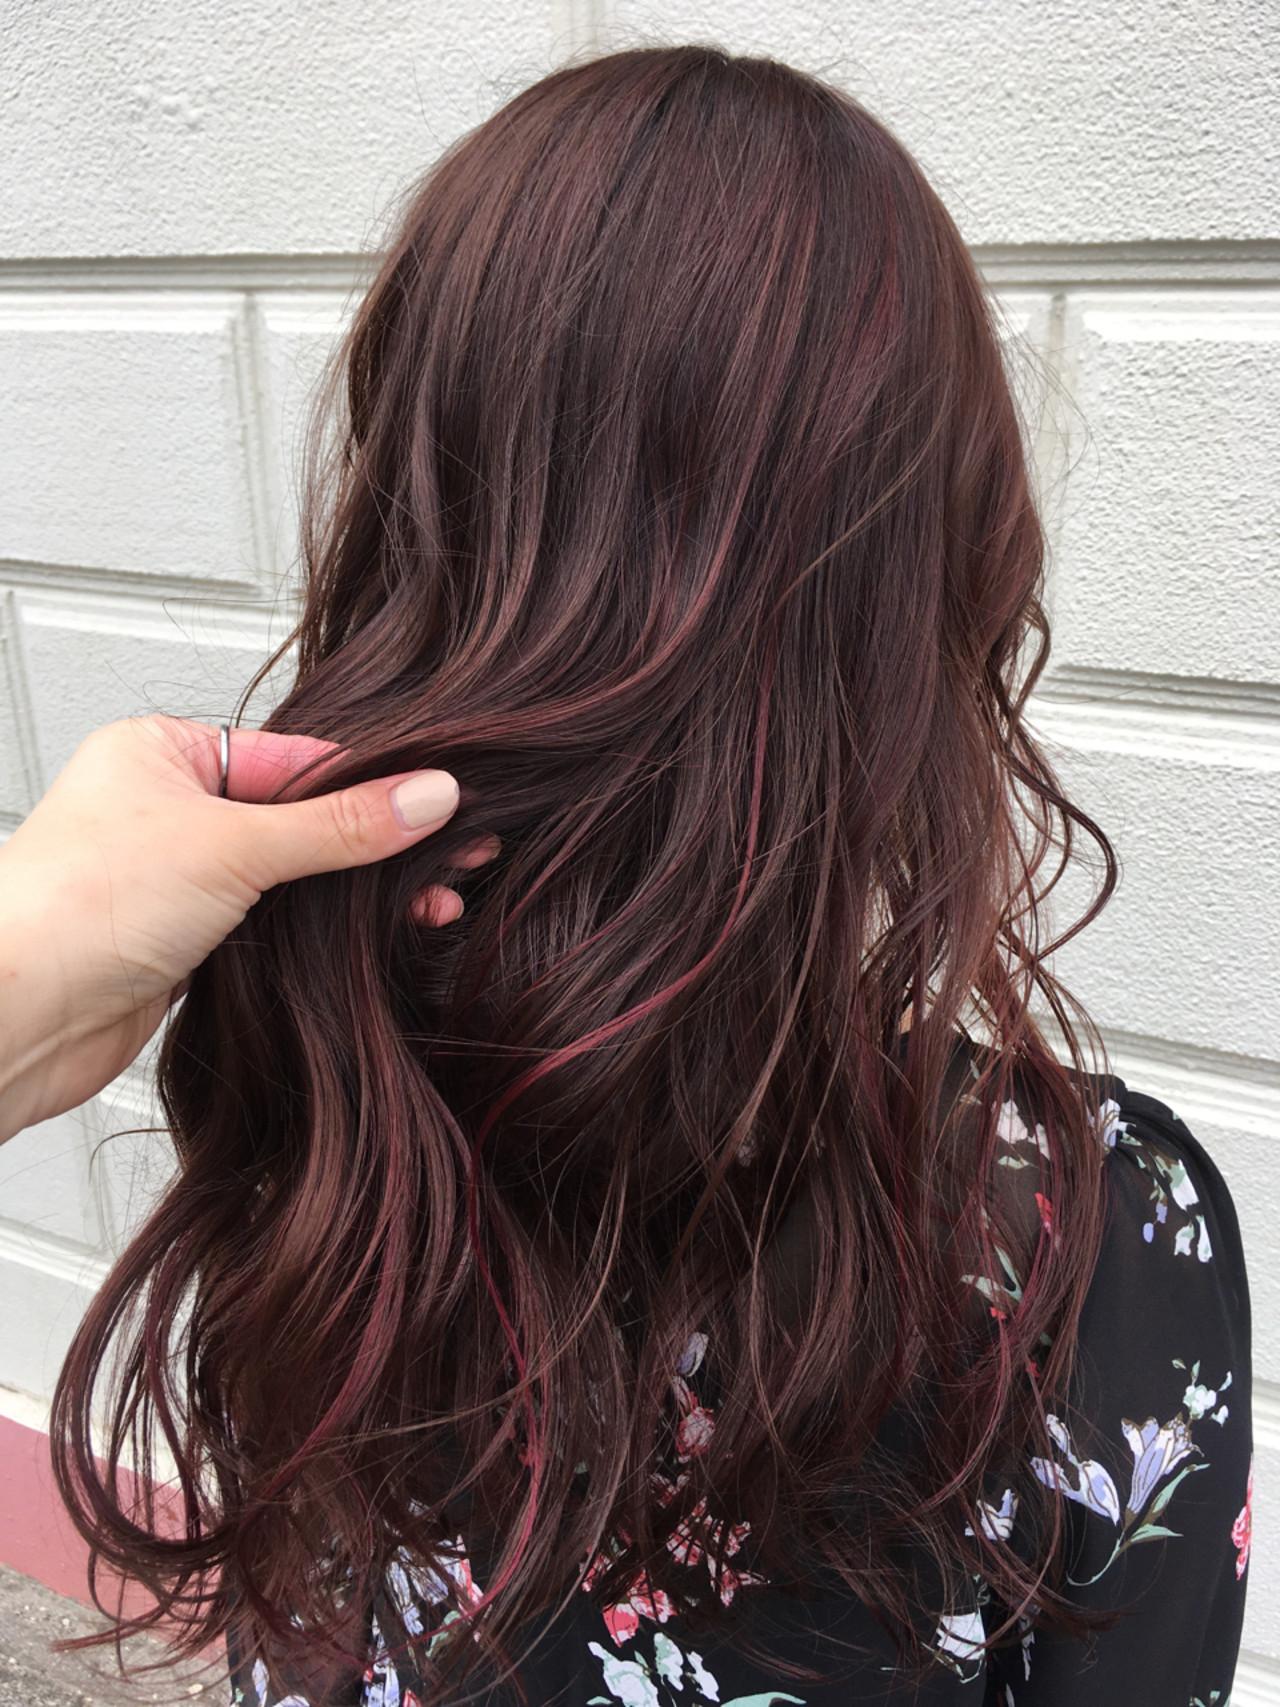 ローライト 巻き髪 ピンク ナチュラル ヘアスタイルや髪型の写真・画像